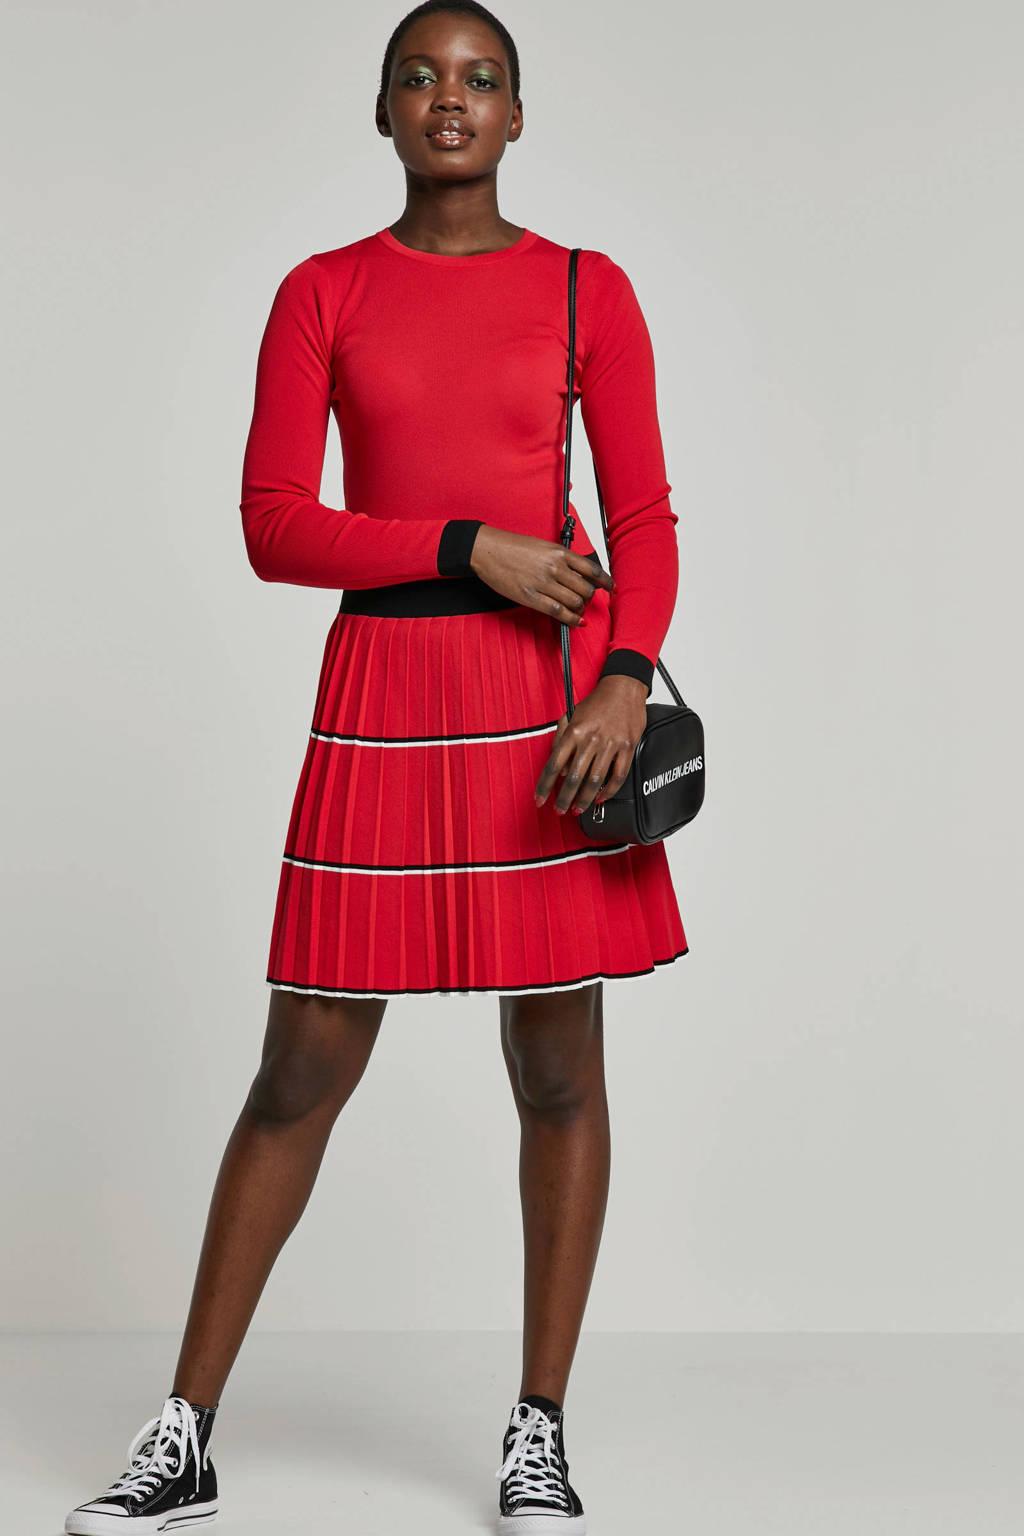 NIKKIE jurk met volant, Rood/zwart/wit